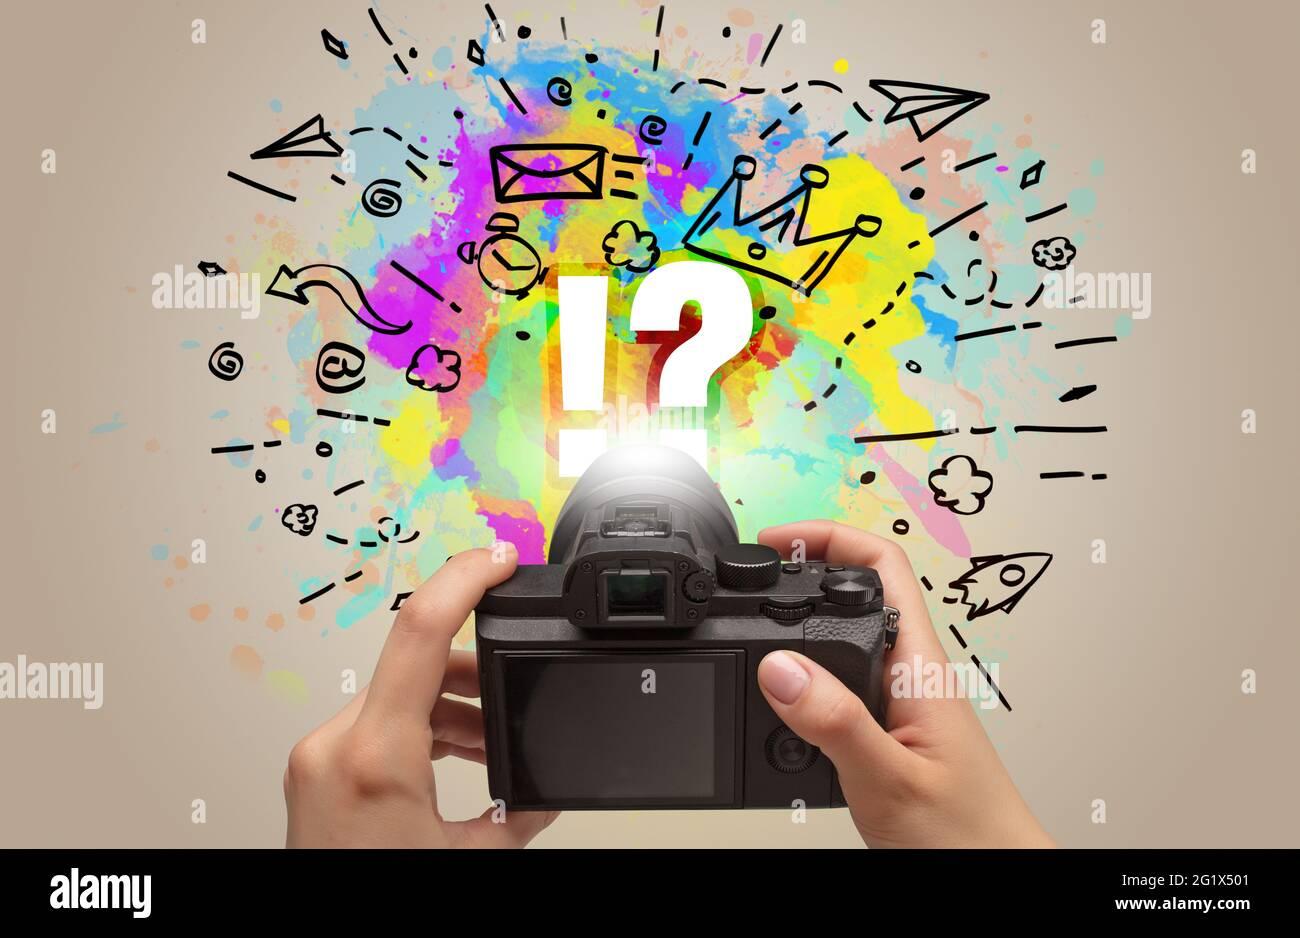 Primer plano de una cámara digital de mano con dibujo abstracto concepto Foto de stock